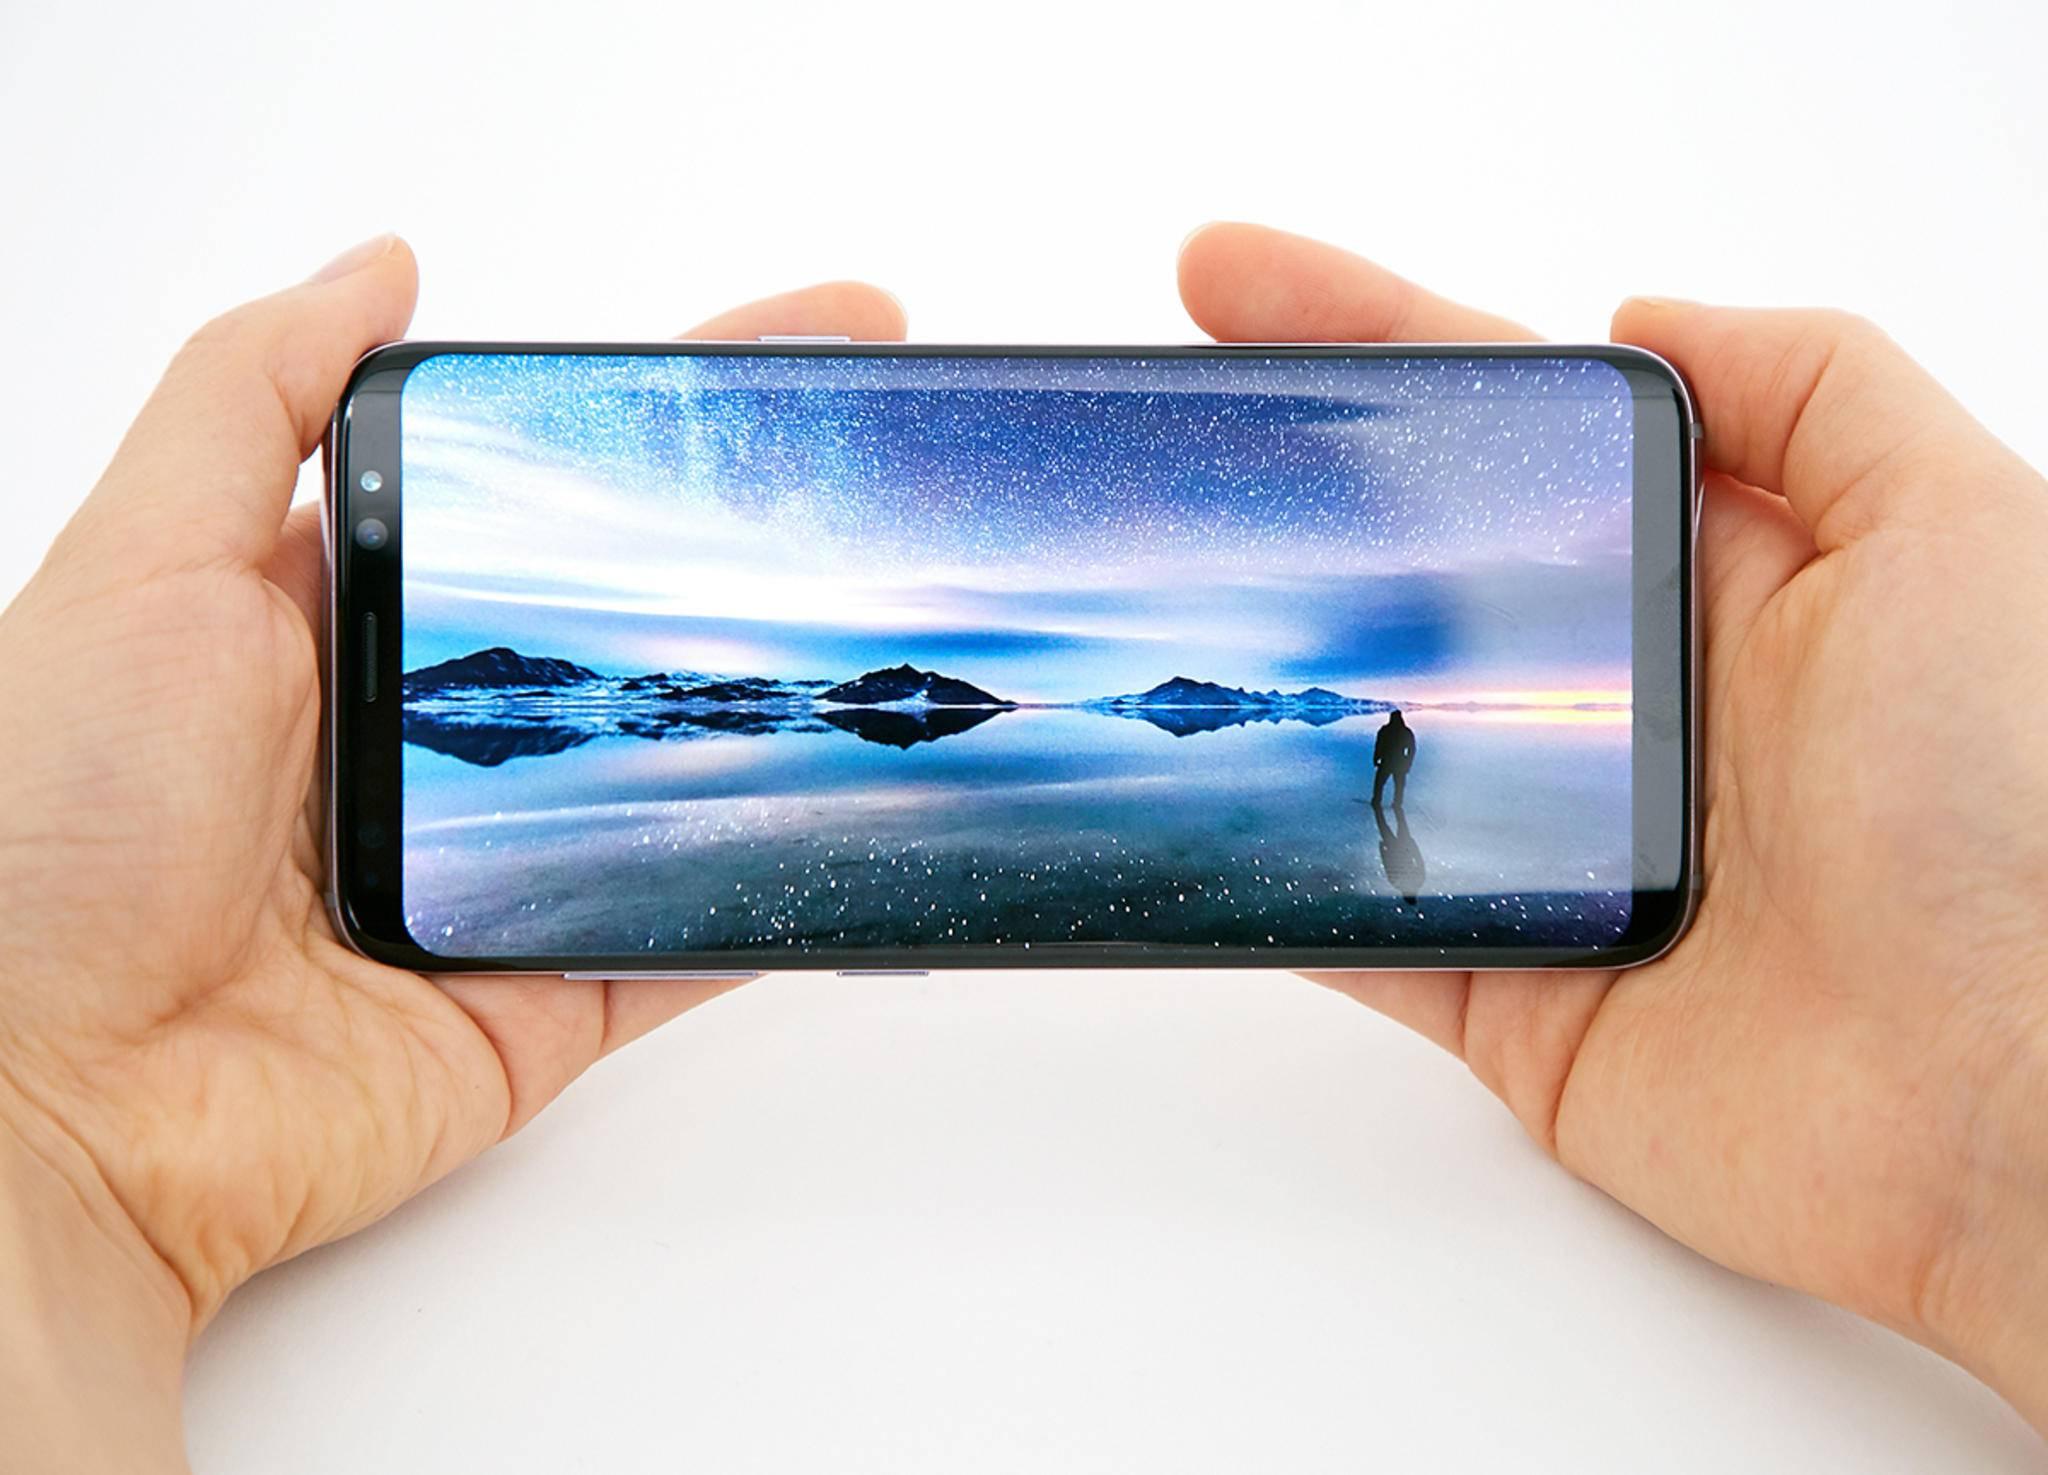 Auch das Galaxy S7 kann wie das neue Galaxy S8 aussehen – zumindest die Benutzeroberfläche.